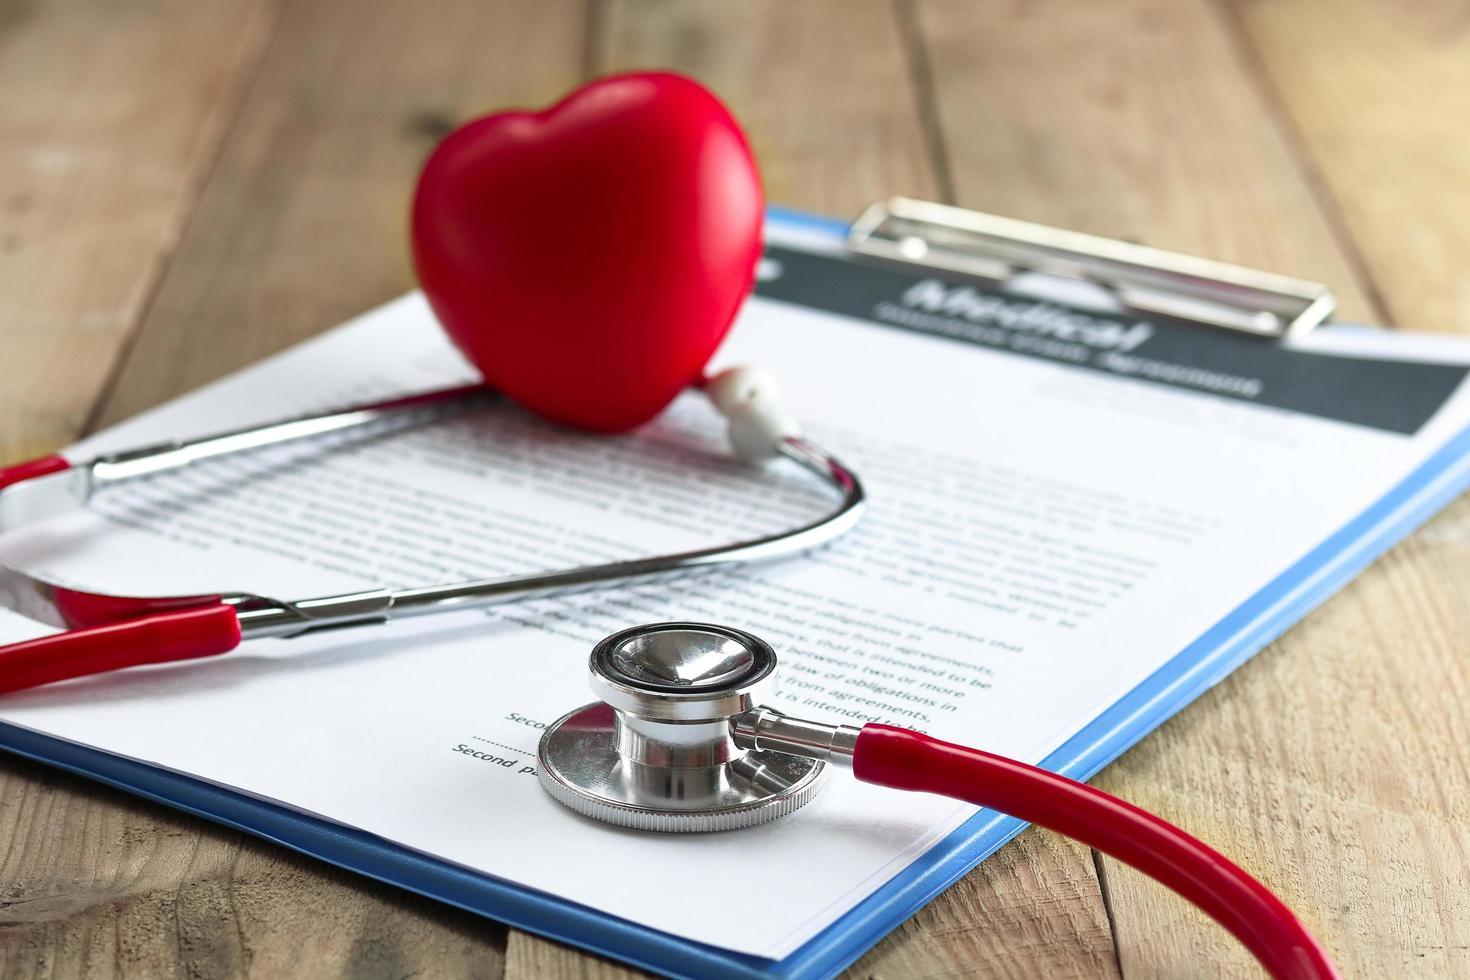 rotes Stethoskop und Herz in der Zwischenablage foto